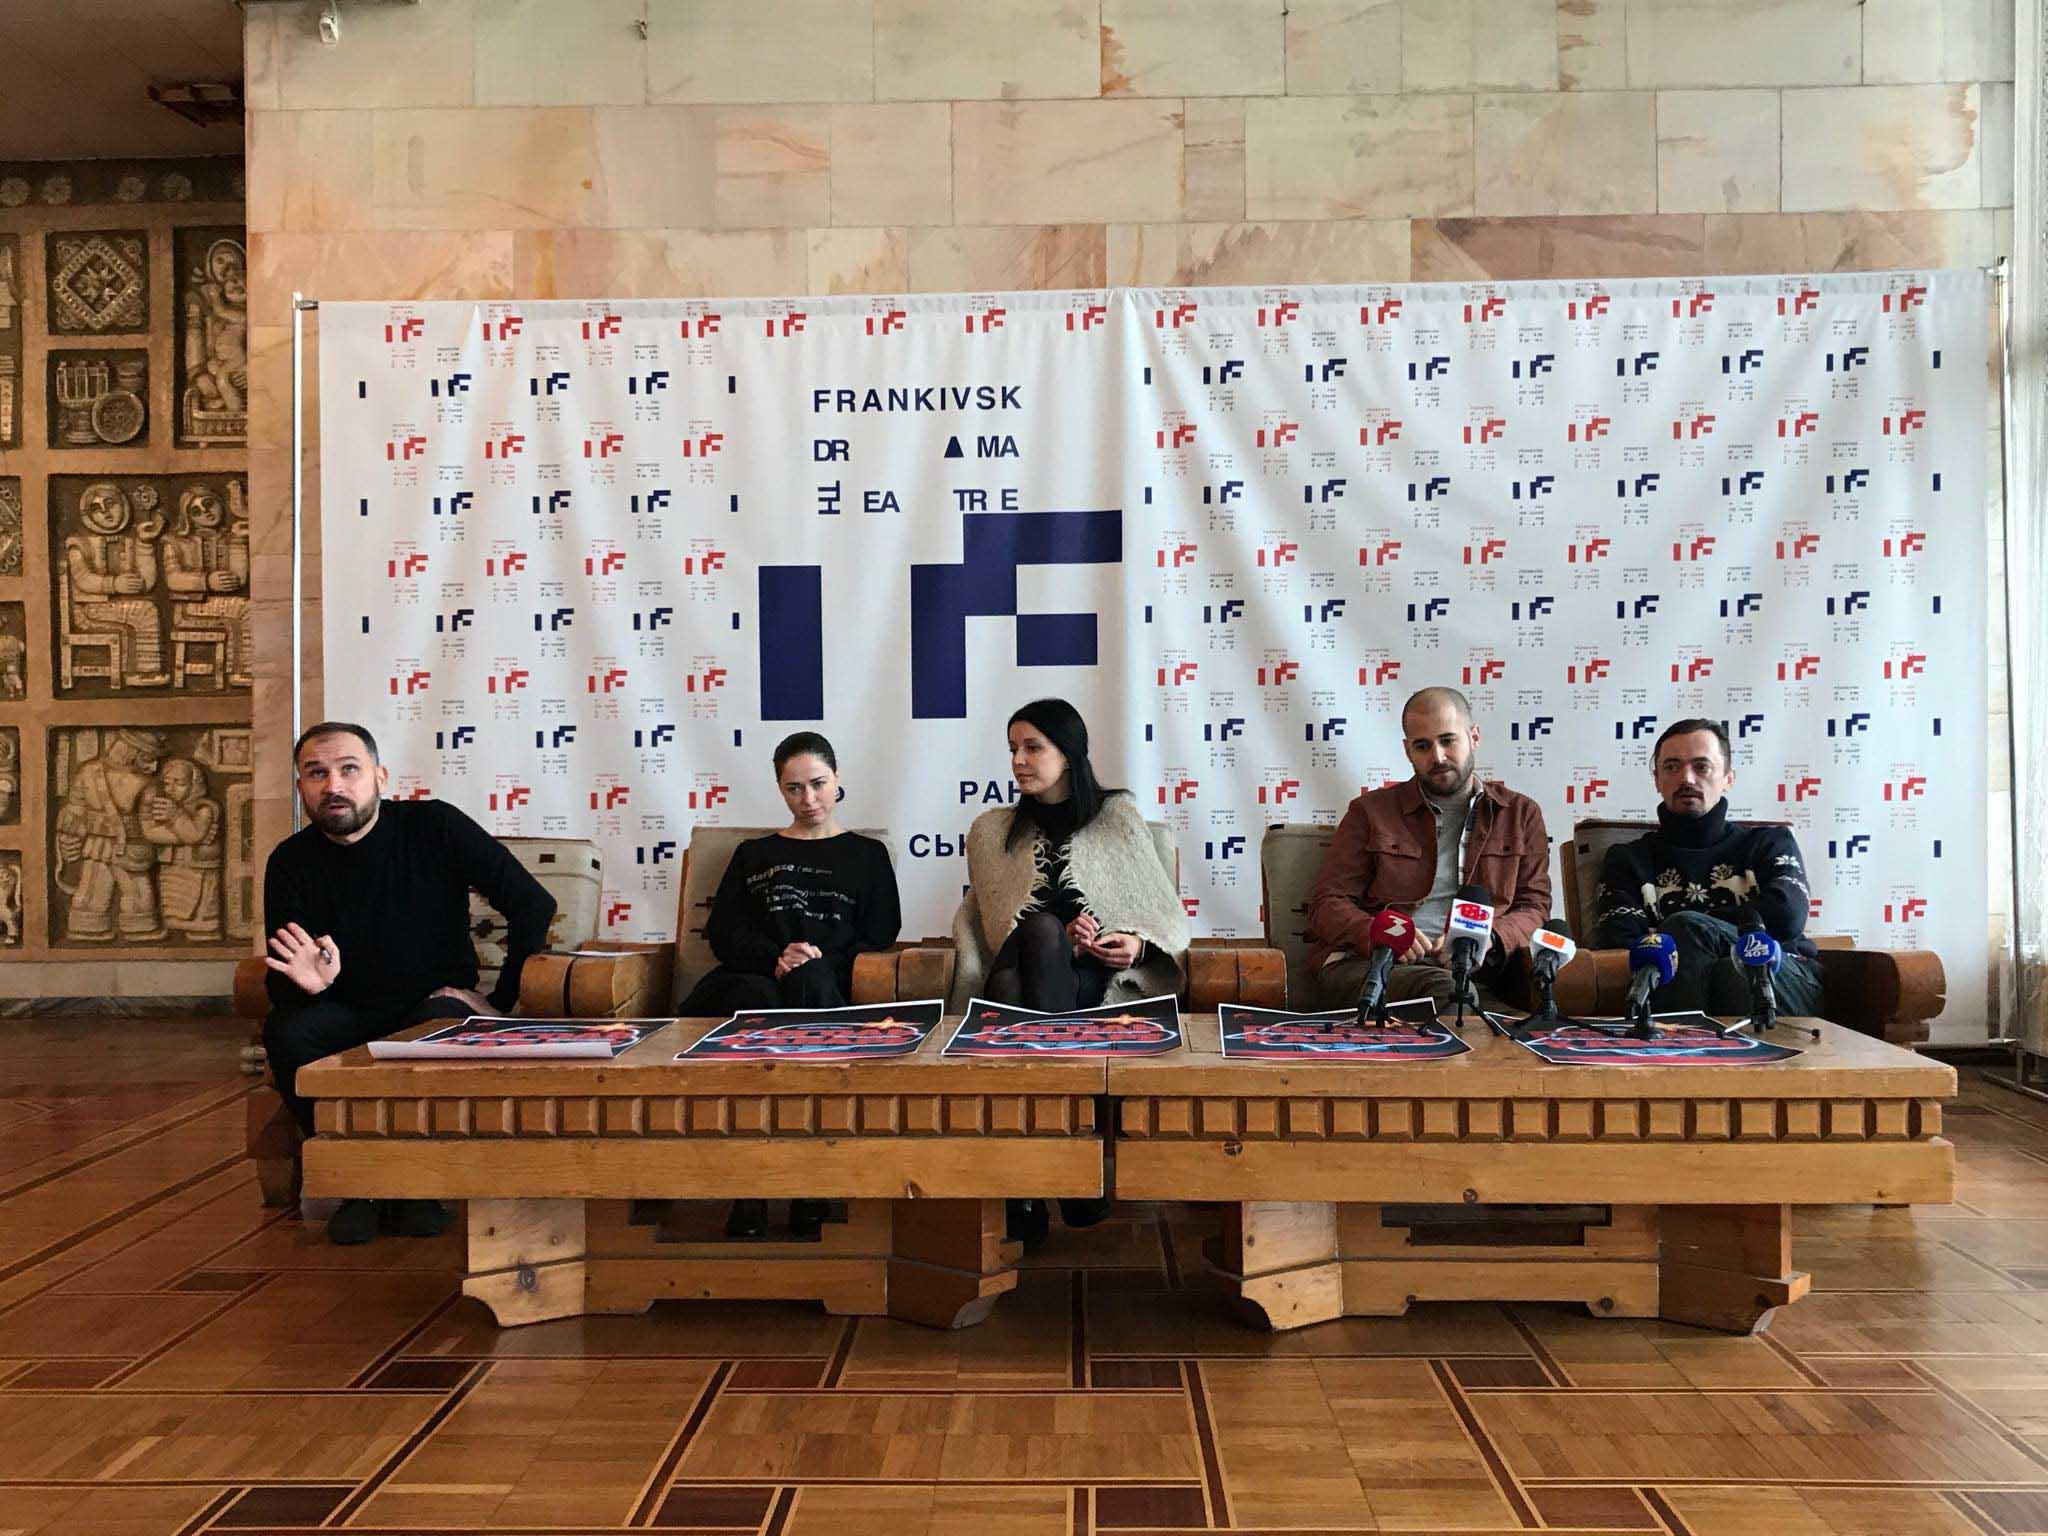 Нарешті прем'єра: франківський драмтеатр дивуватиме фрікнутою комедією «Гоголь кабаре» (ФОТО)